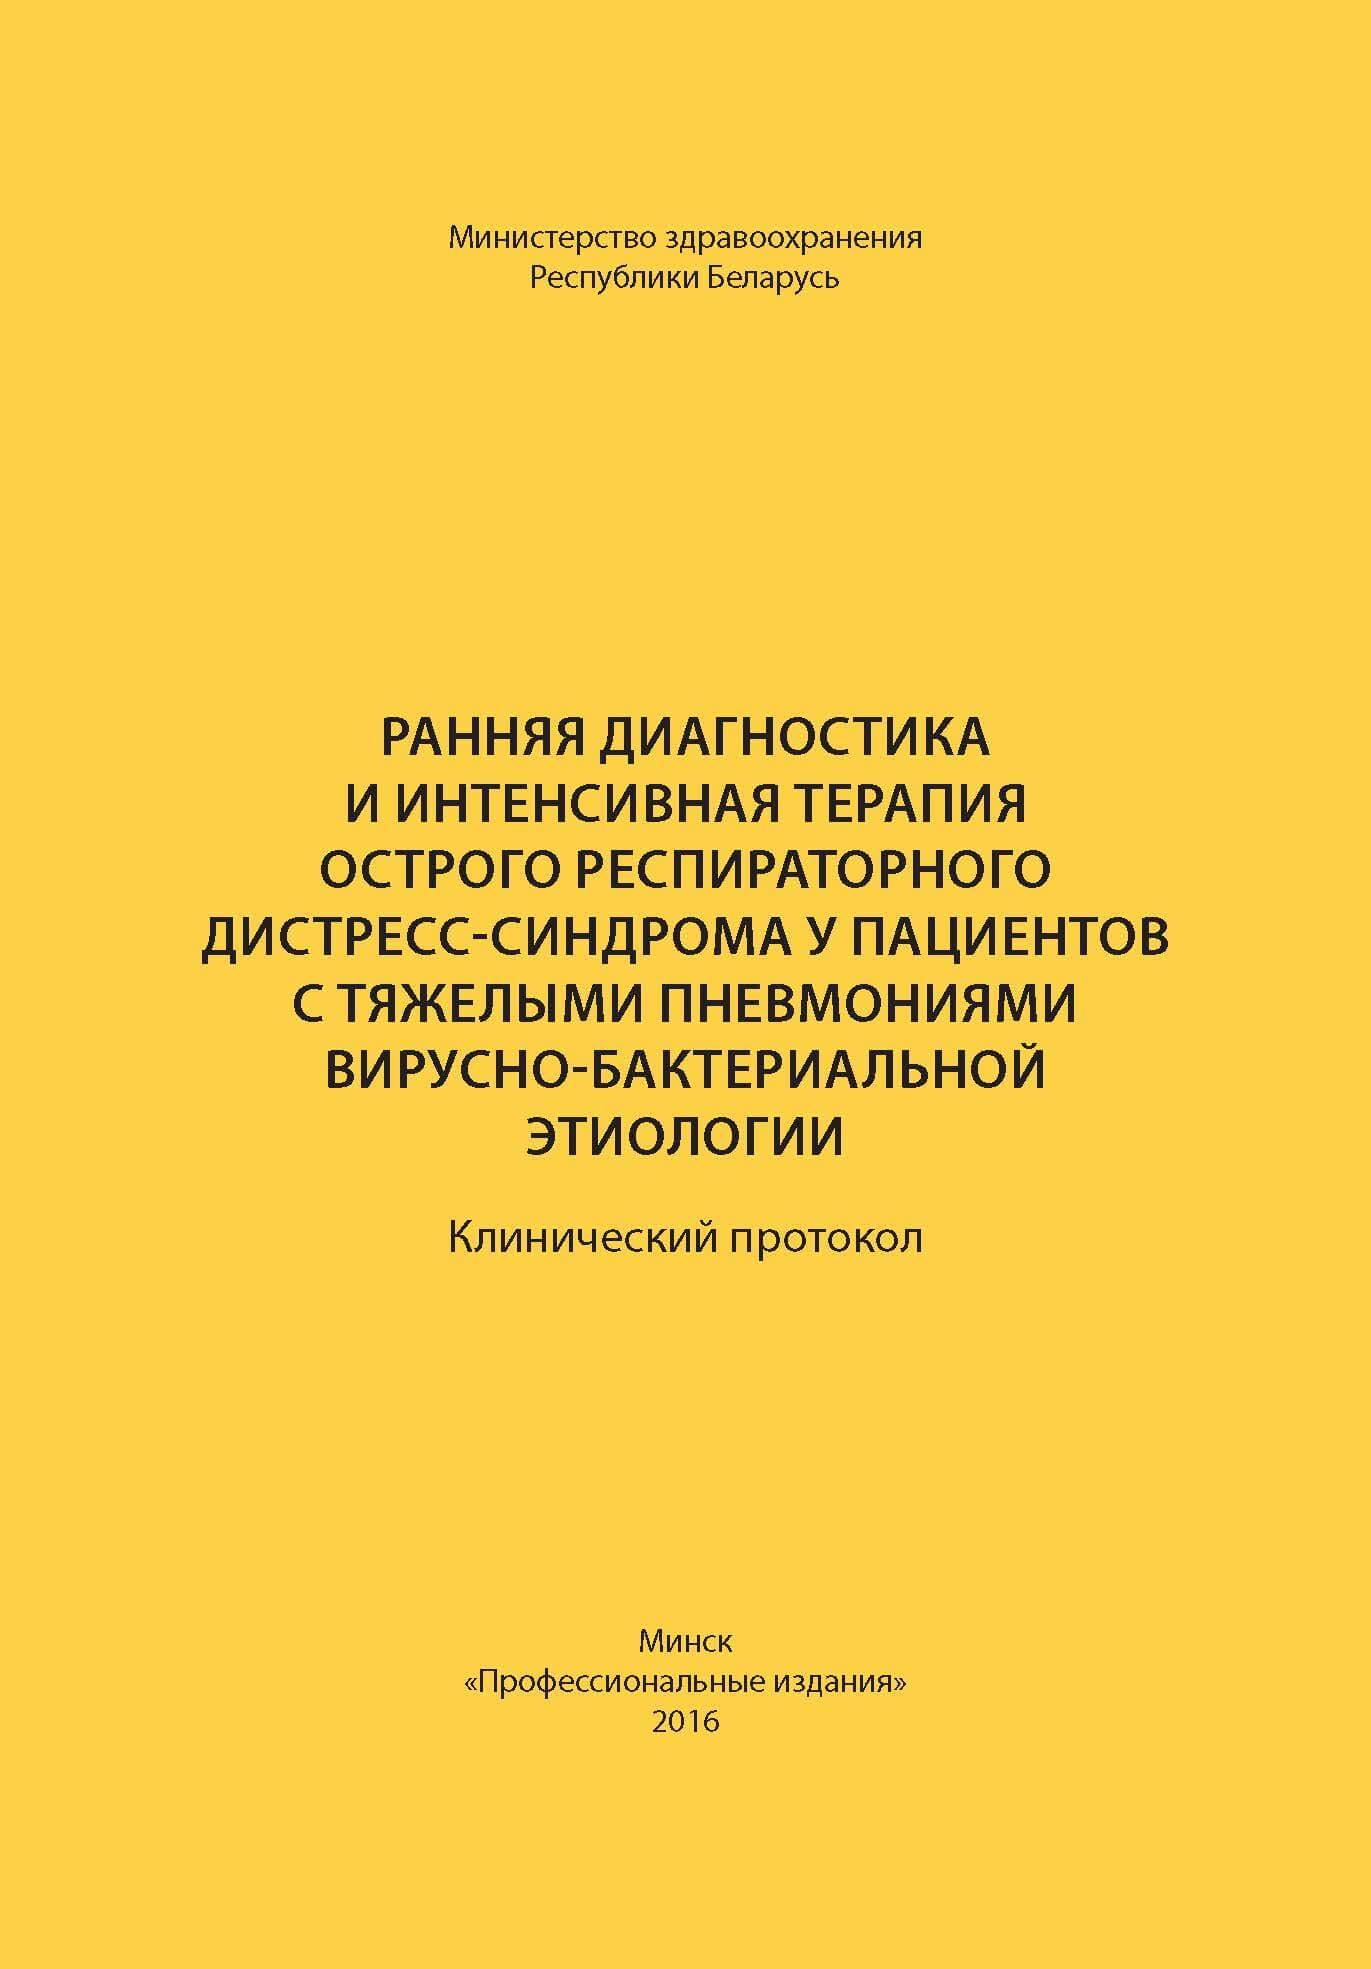 oblozhka-protokoly-ords-indd